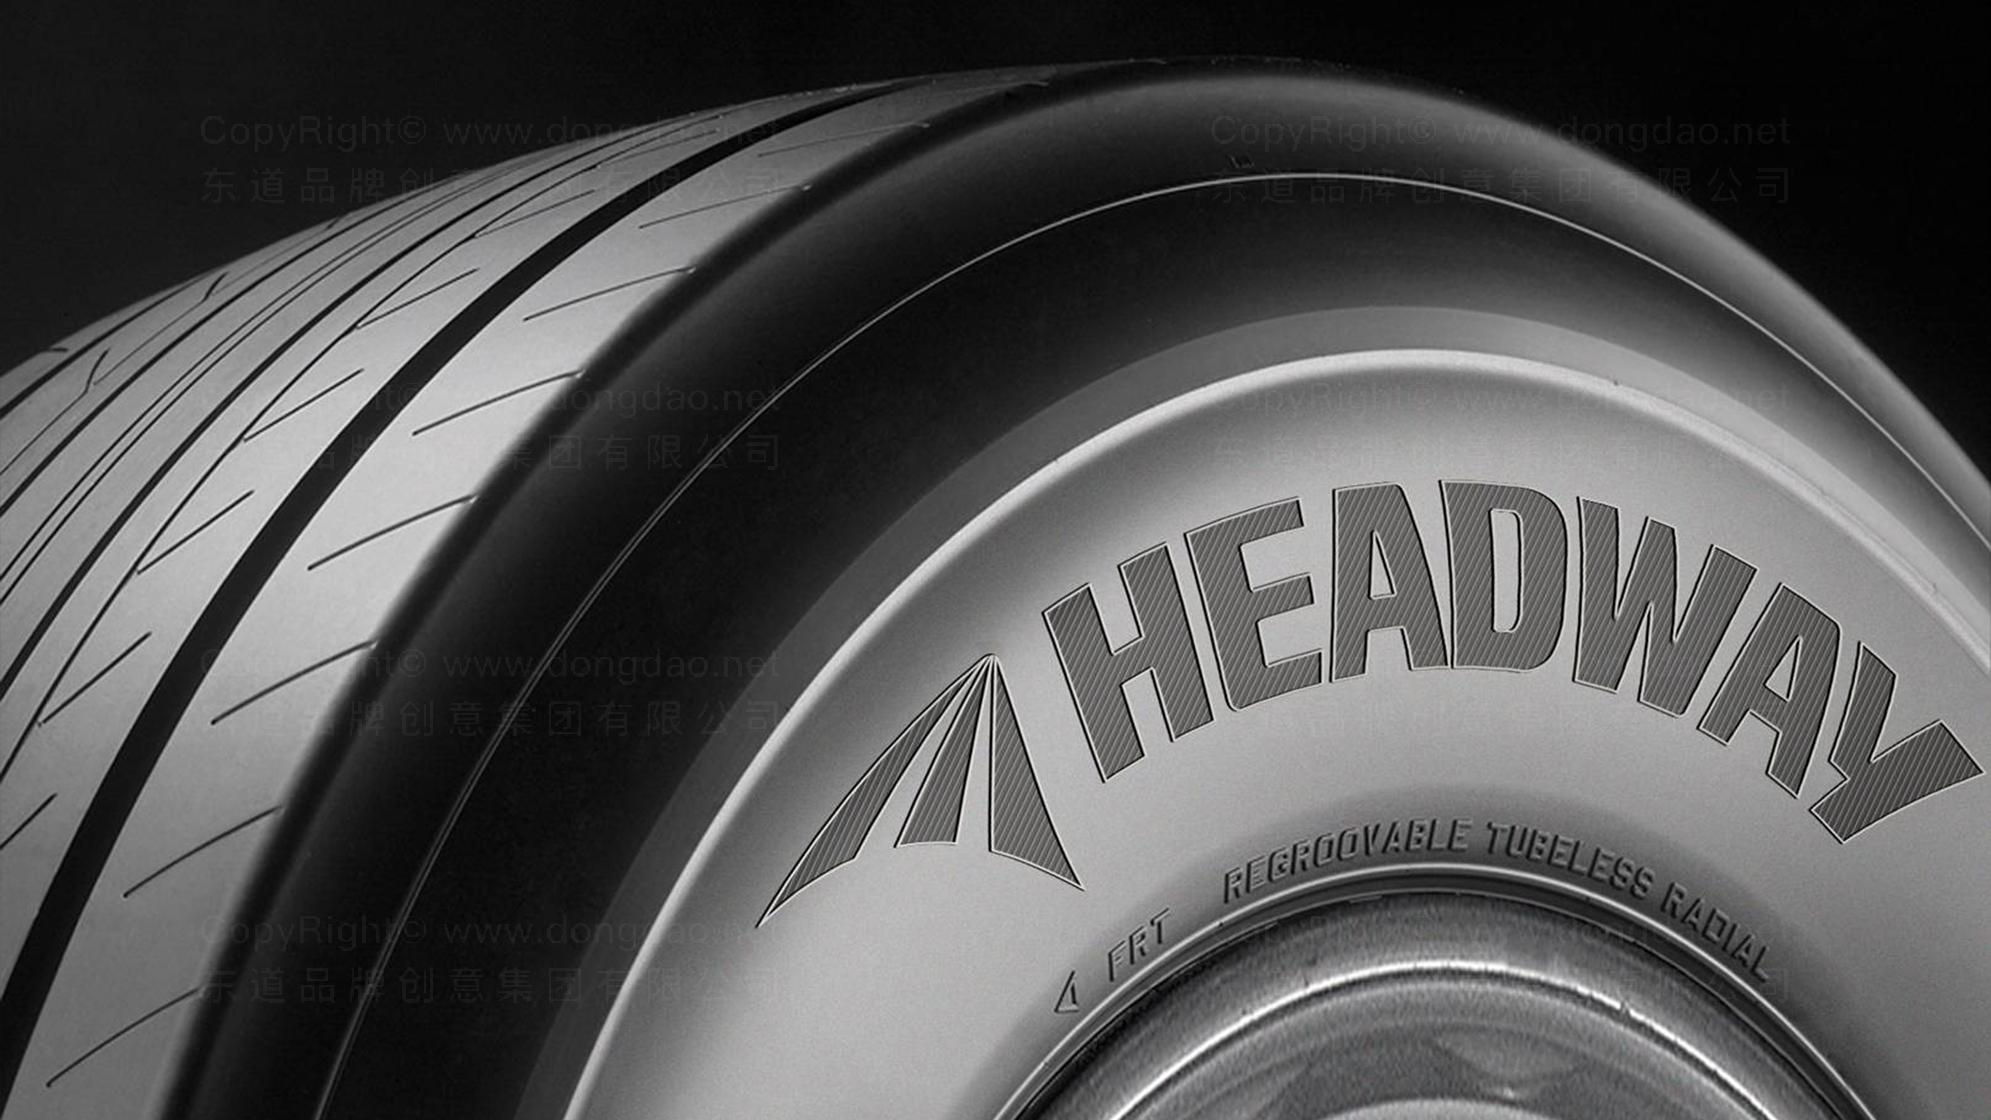 品牌设计海德威轮胎标志设计应用场景_1